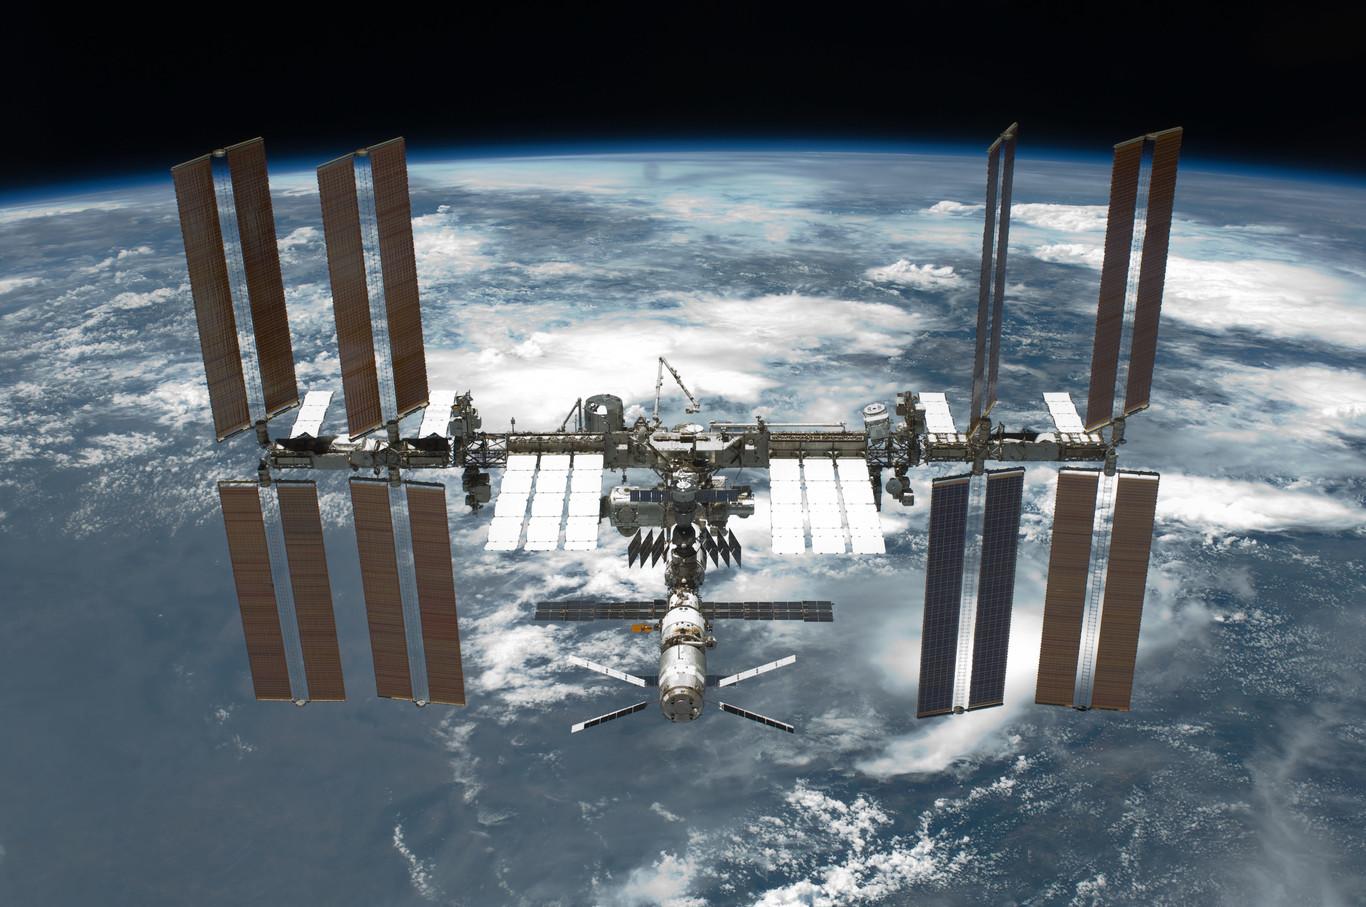 Estación Espacial Internacional, ciudad de vacaciones: La NASA abre la joya de la corona del espacio a los turistas